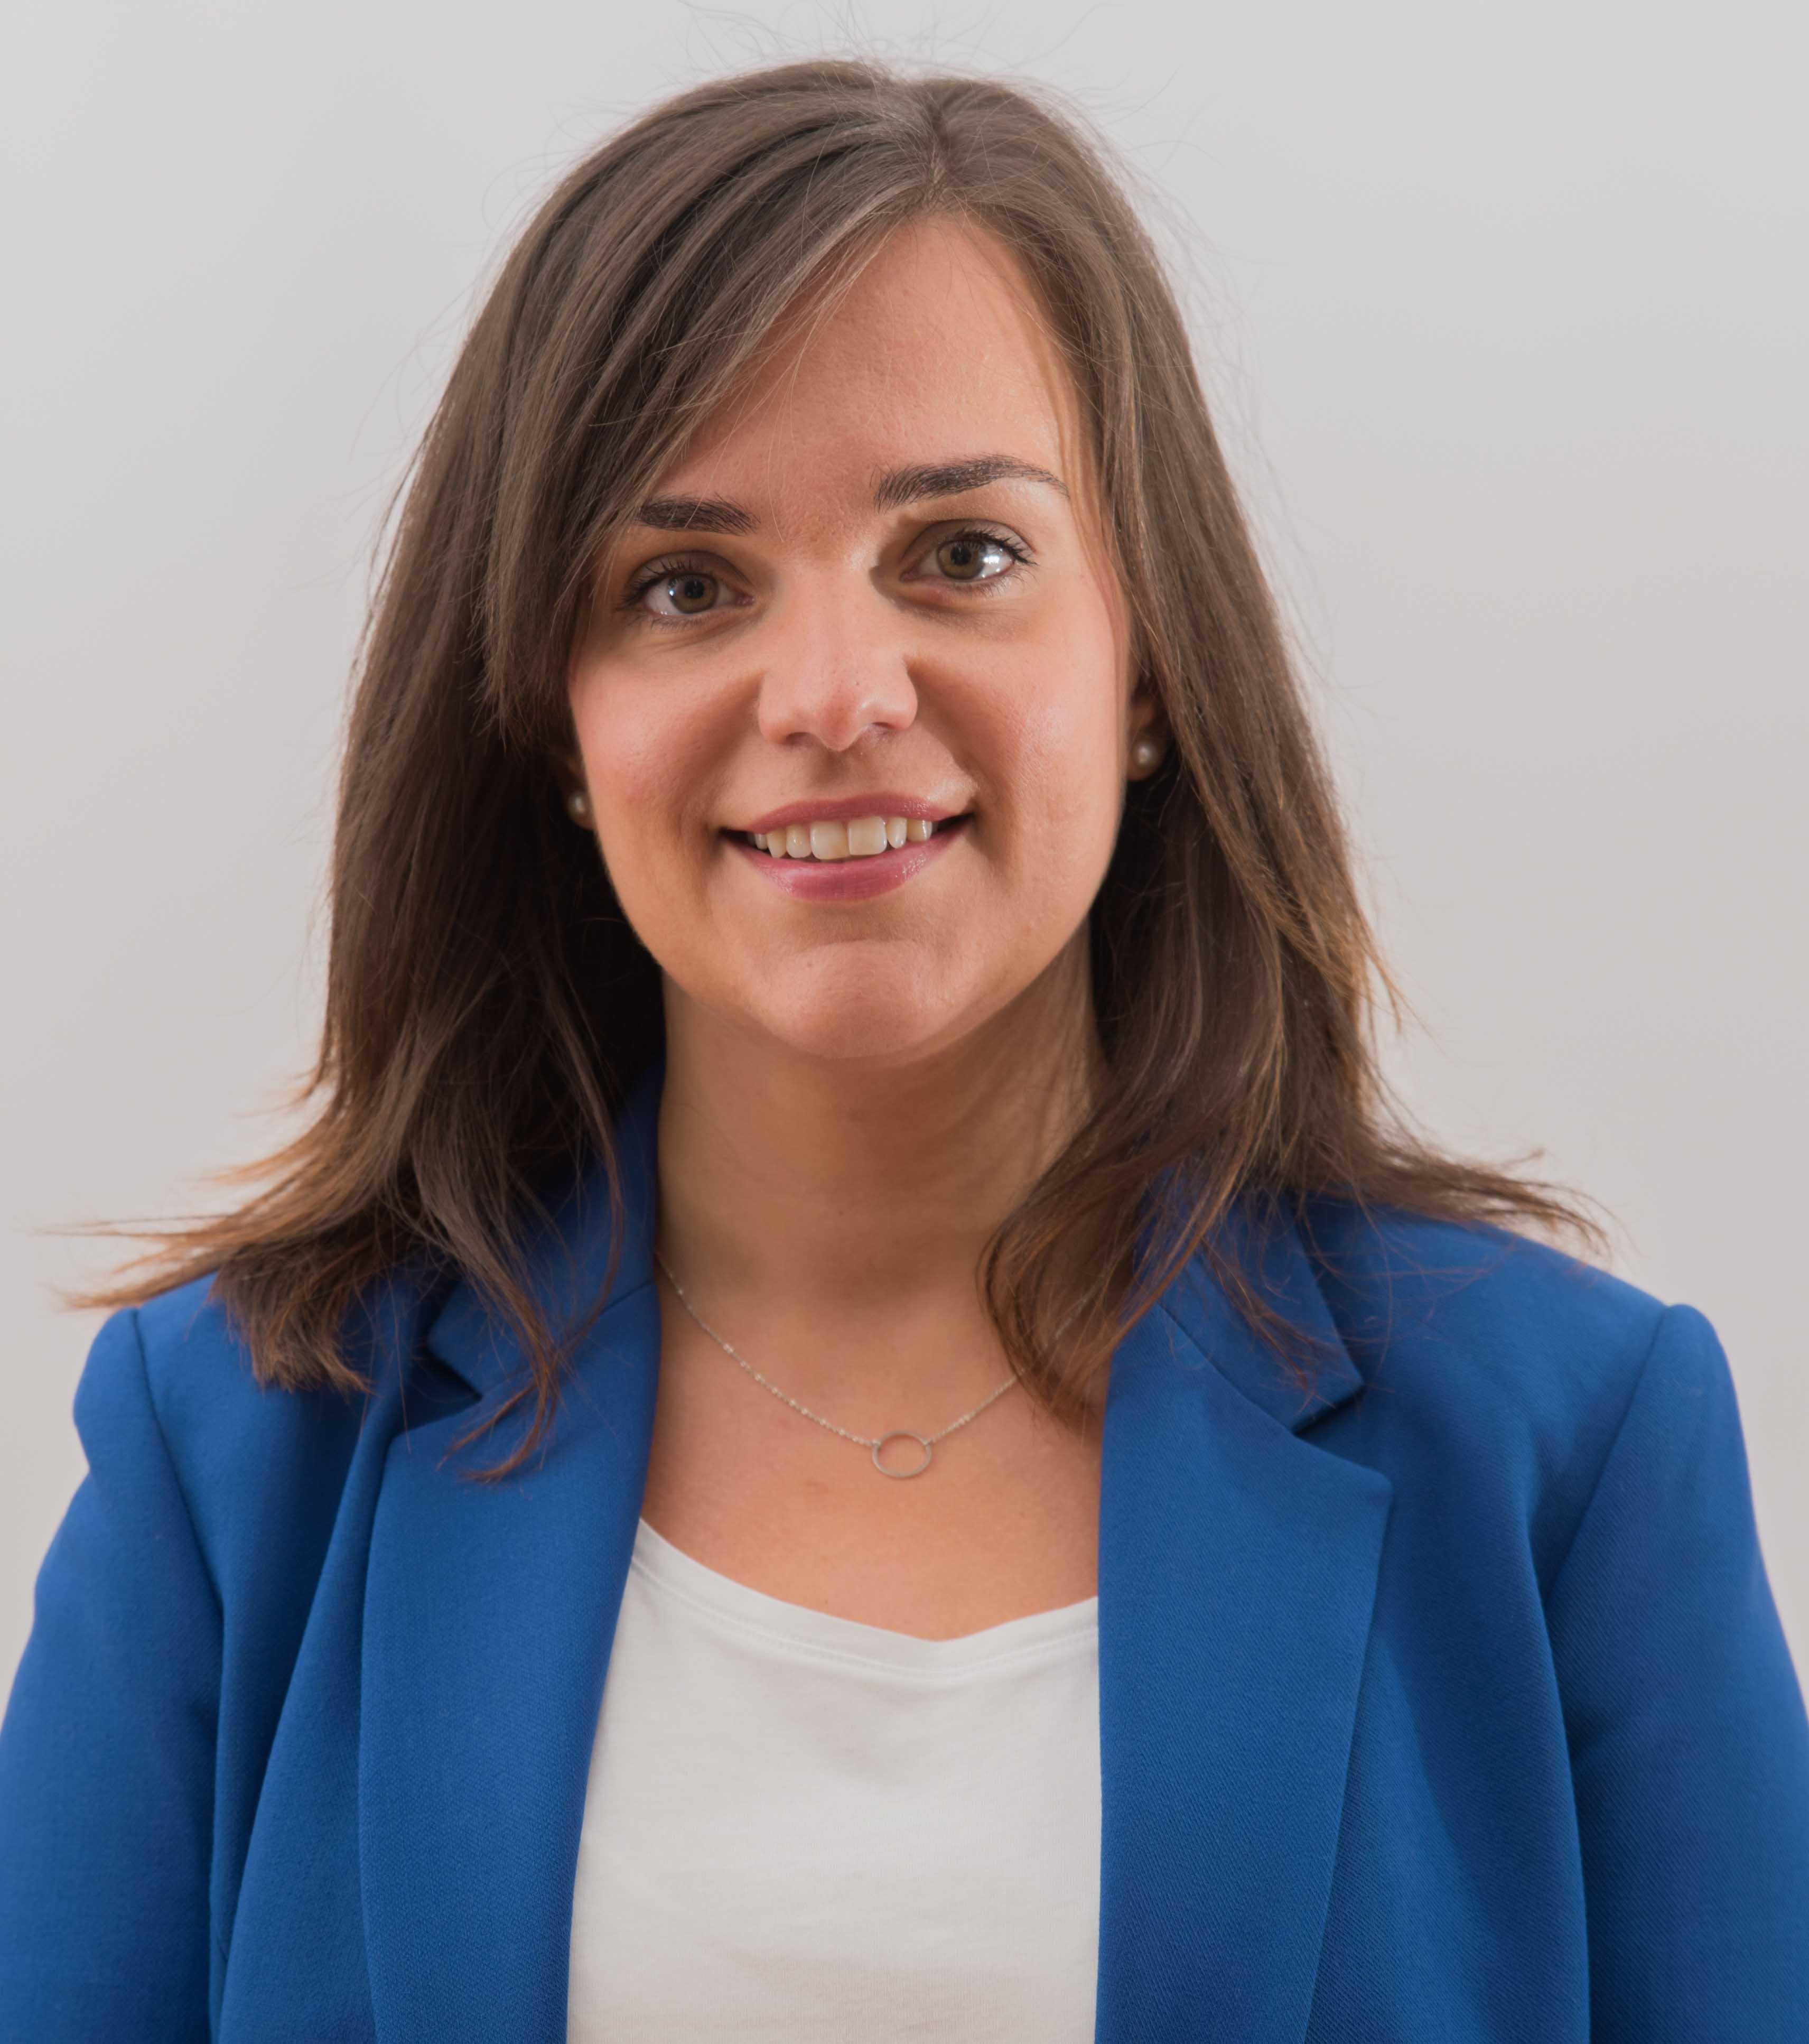 Sabrina Viero